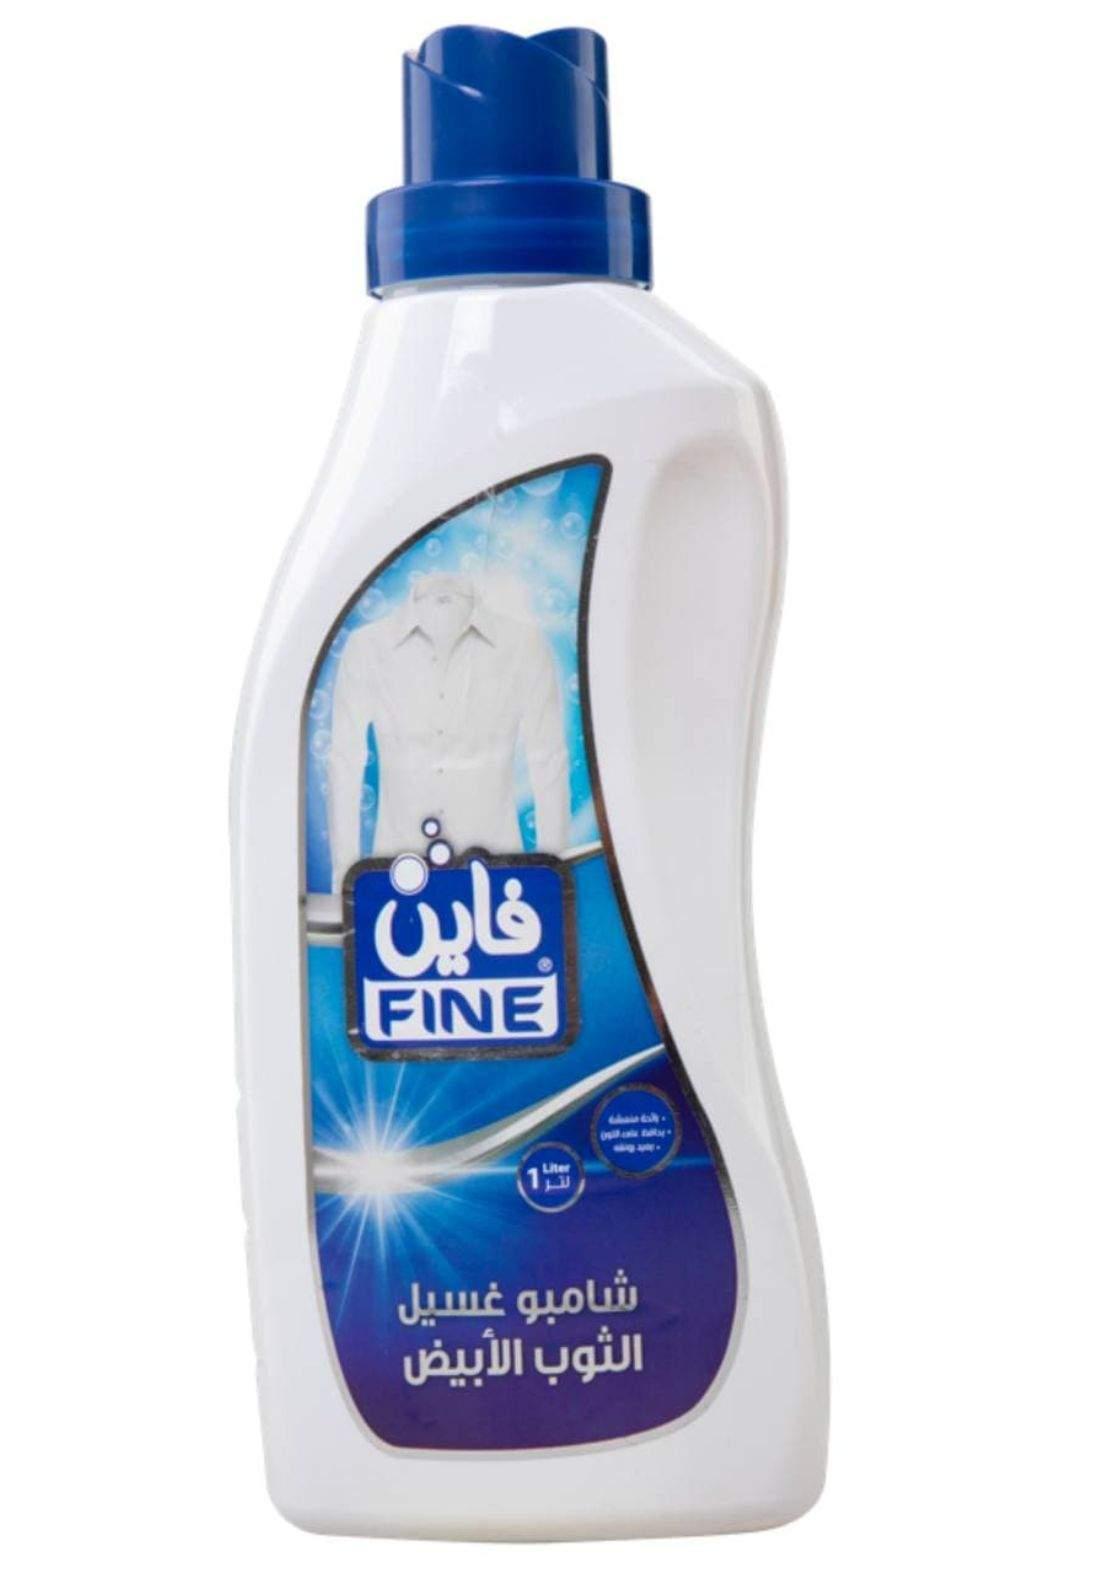 Fine white clothes detergent1L  فاين منظف للملابس البيضاء